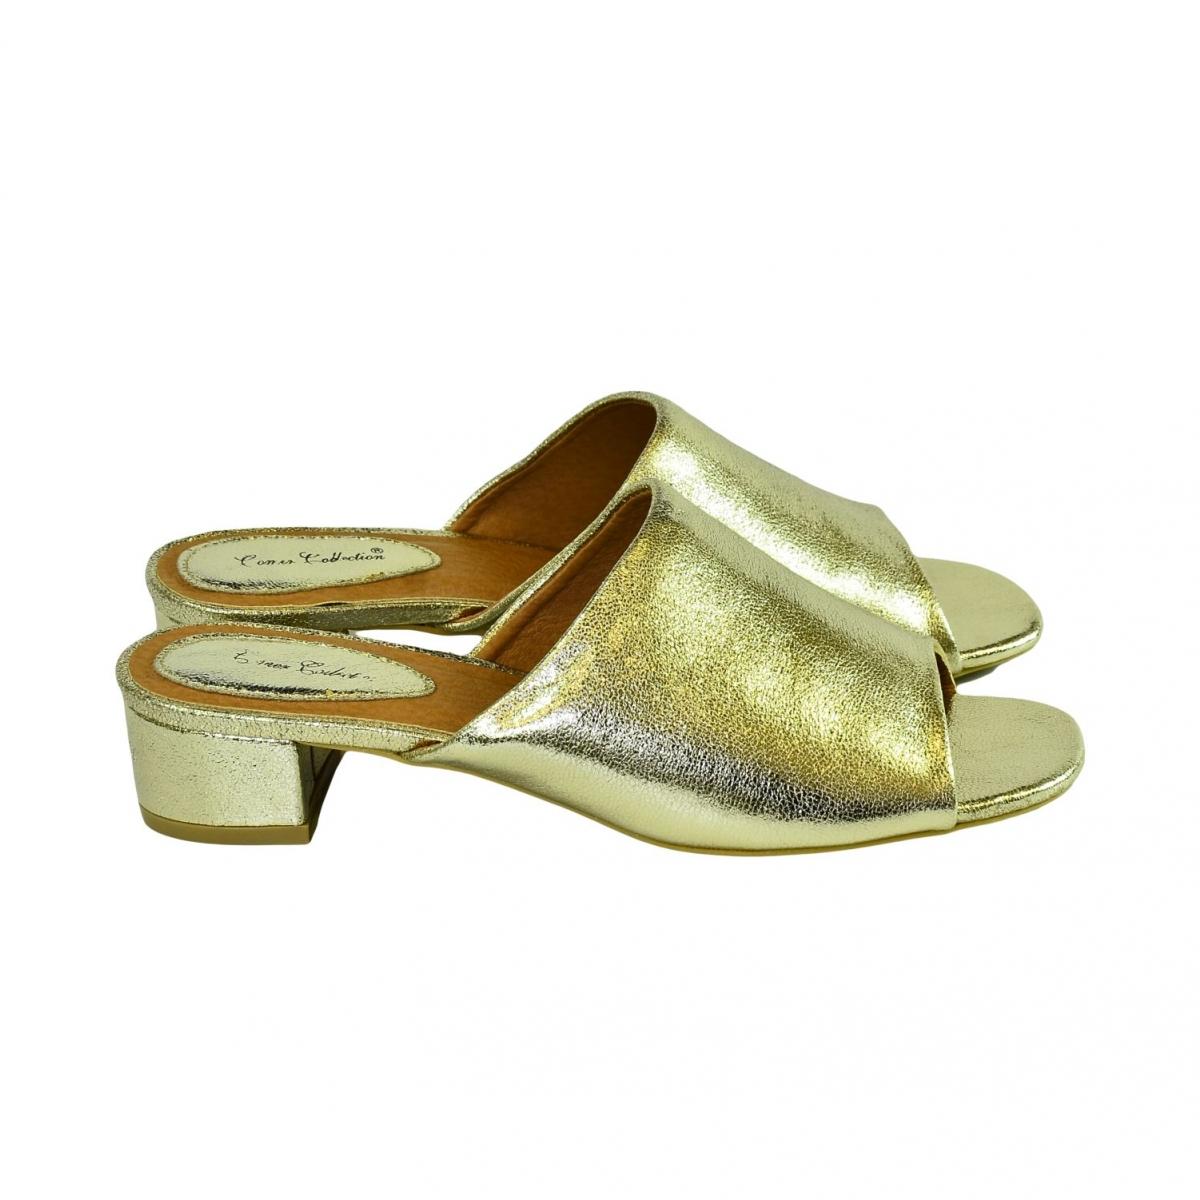 f233c85db8 Dámske elegantné zlaté šľapky LUNA - 2